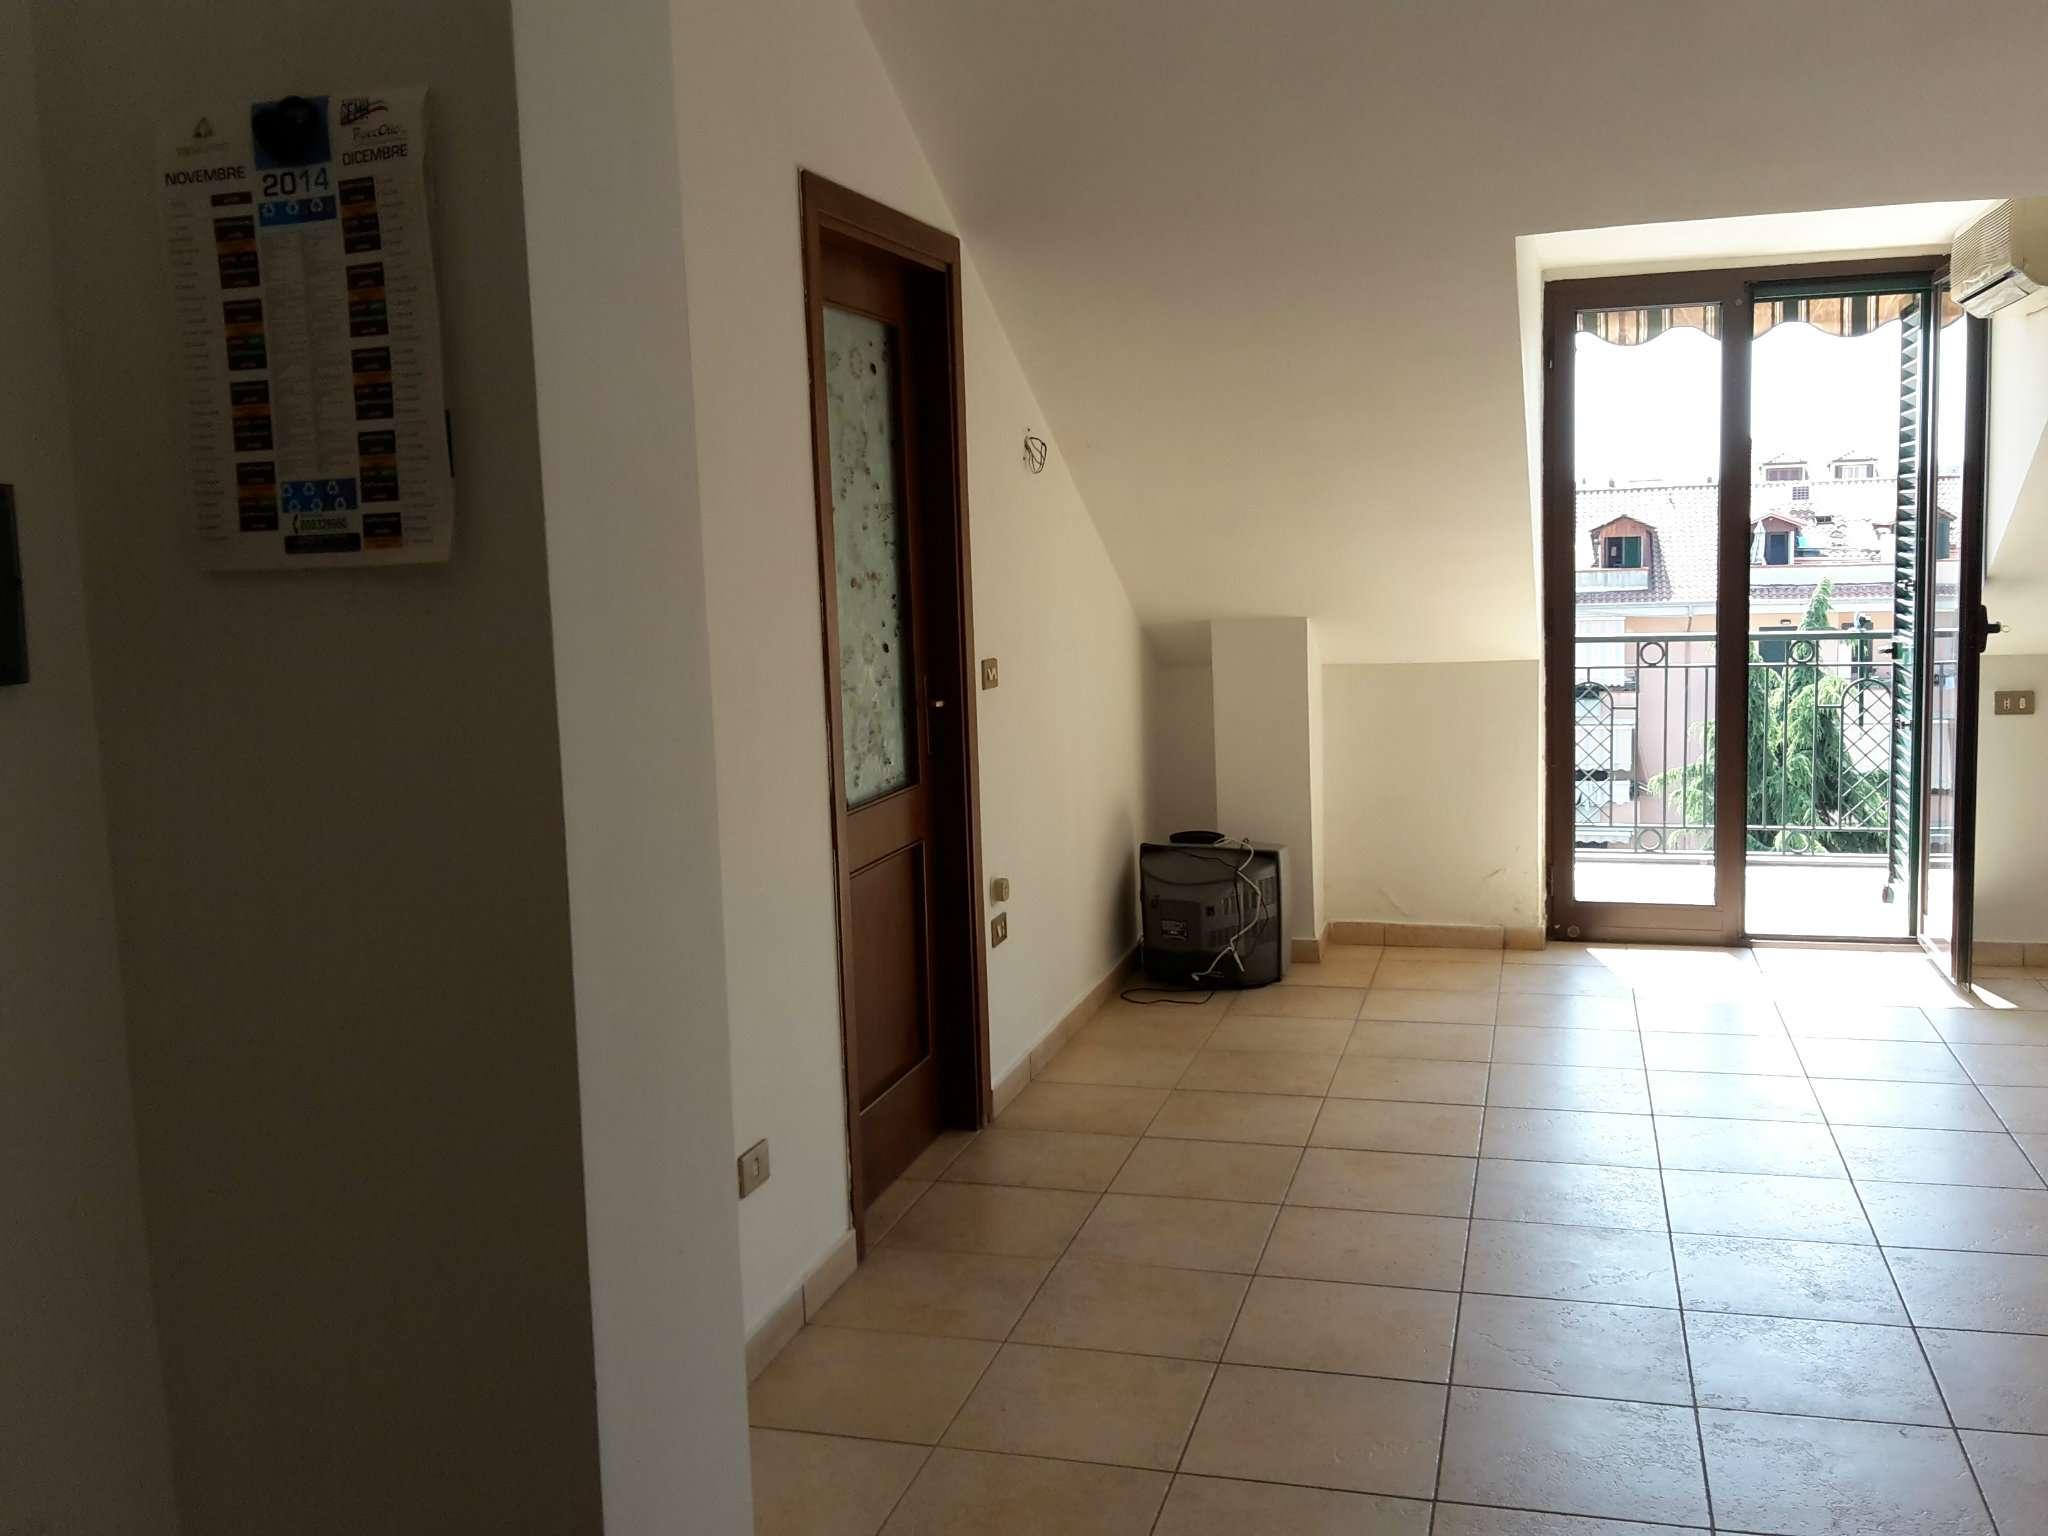 Ufficio / Studio in Affitto a Giugliano in Campania